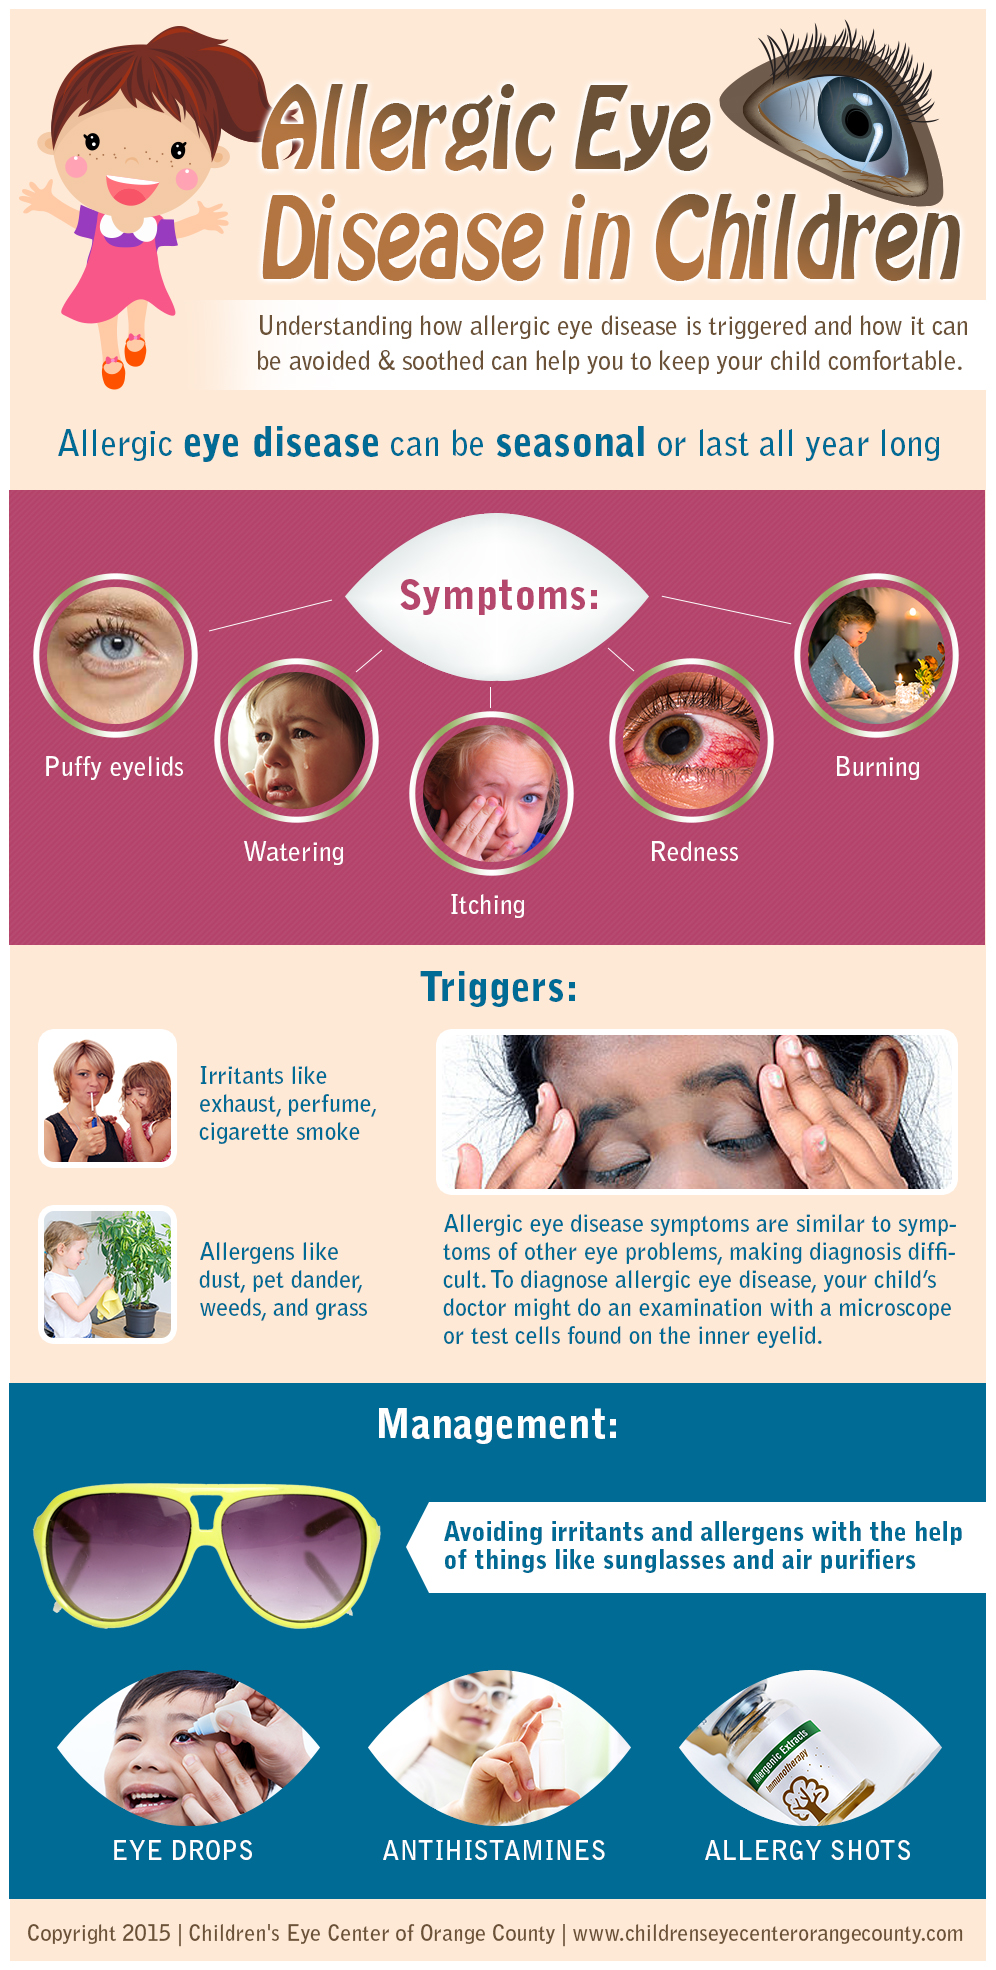 Allergic-Eye-Disease-in-Children-by-Childrens-Eye-Center-of-Orange-County